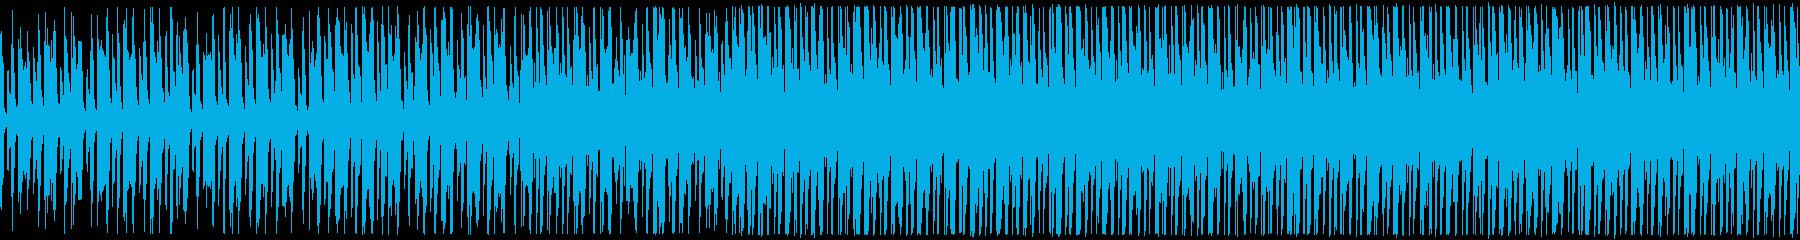 明るいほのぼのアンサンブルの再生済みの波形